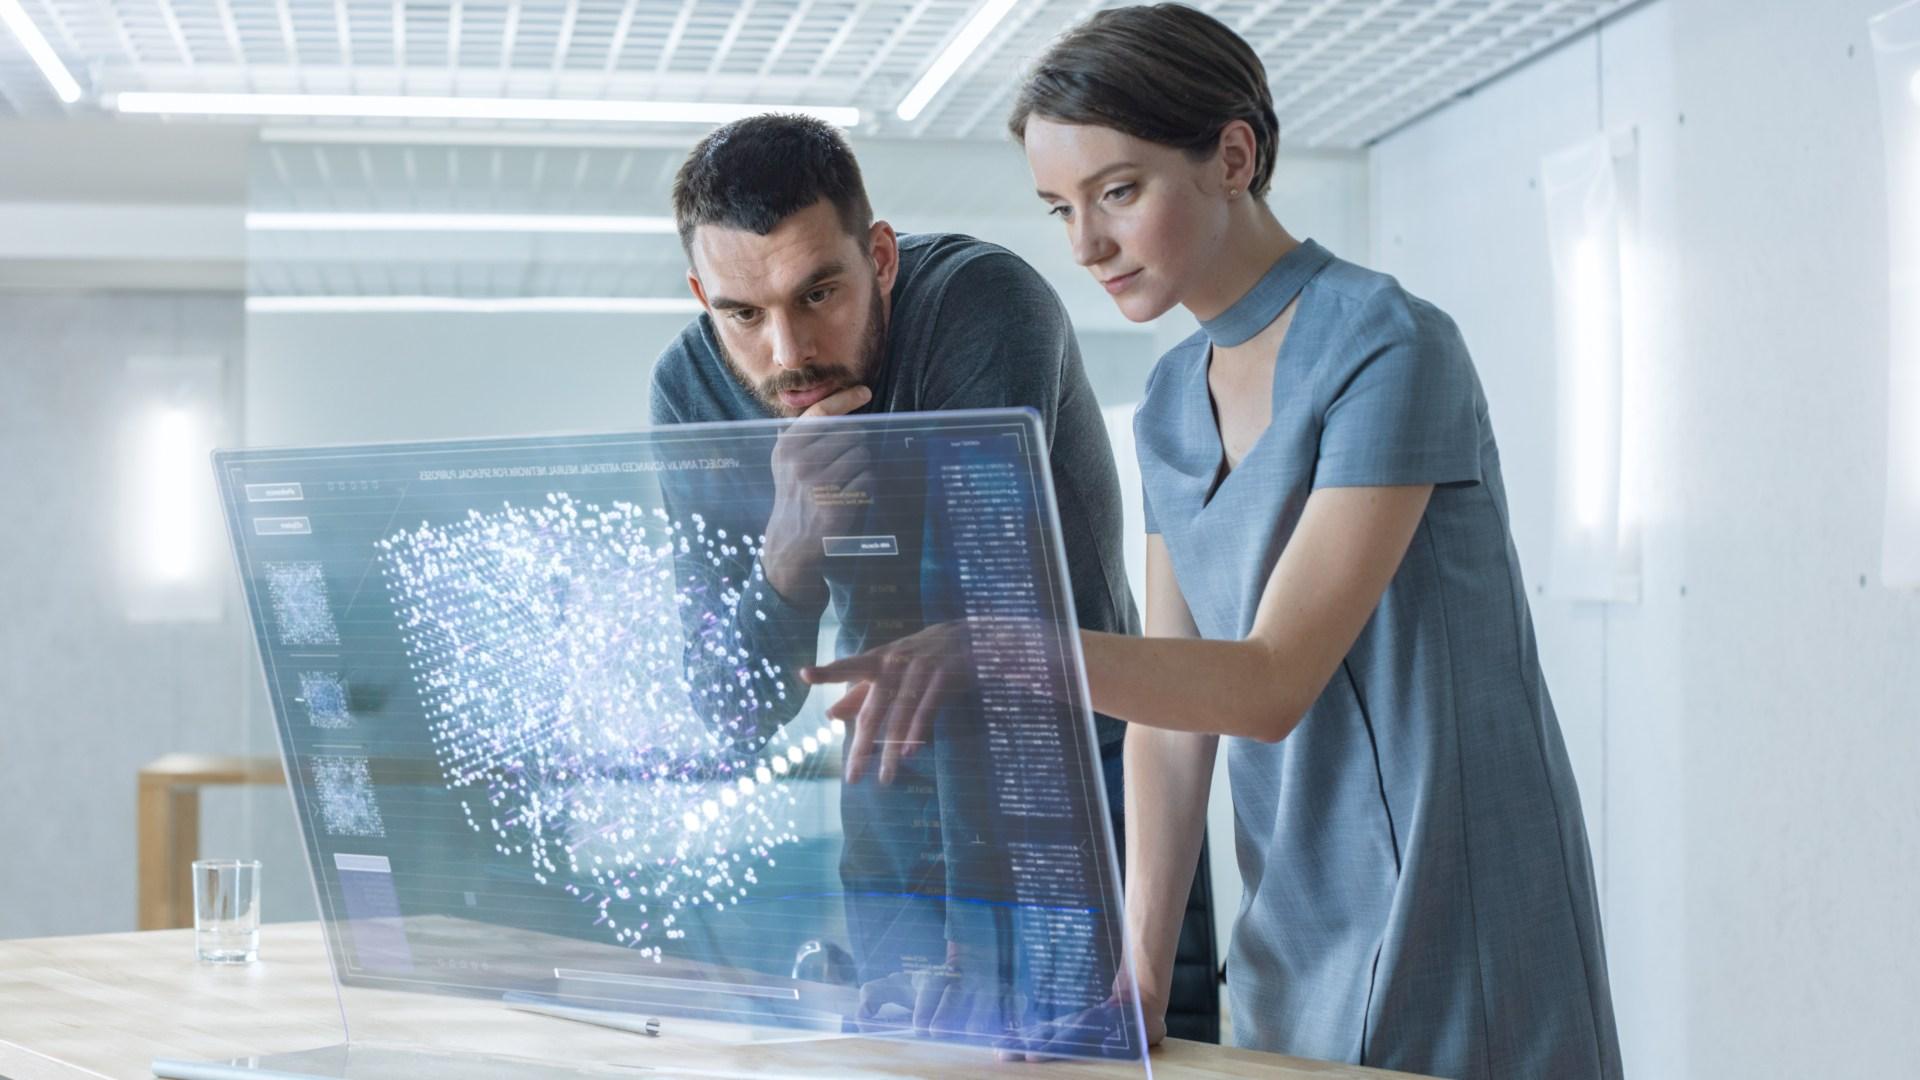 往日電影中才能見到的透明顯示屏,如今已成現實。(Shutterstock)